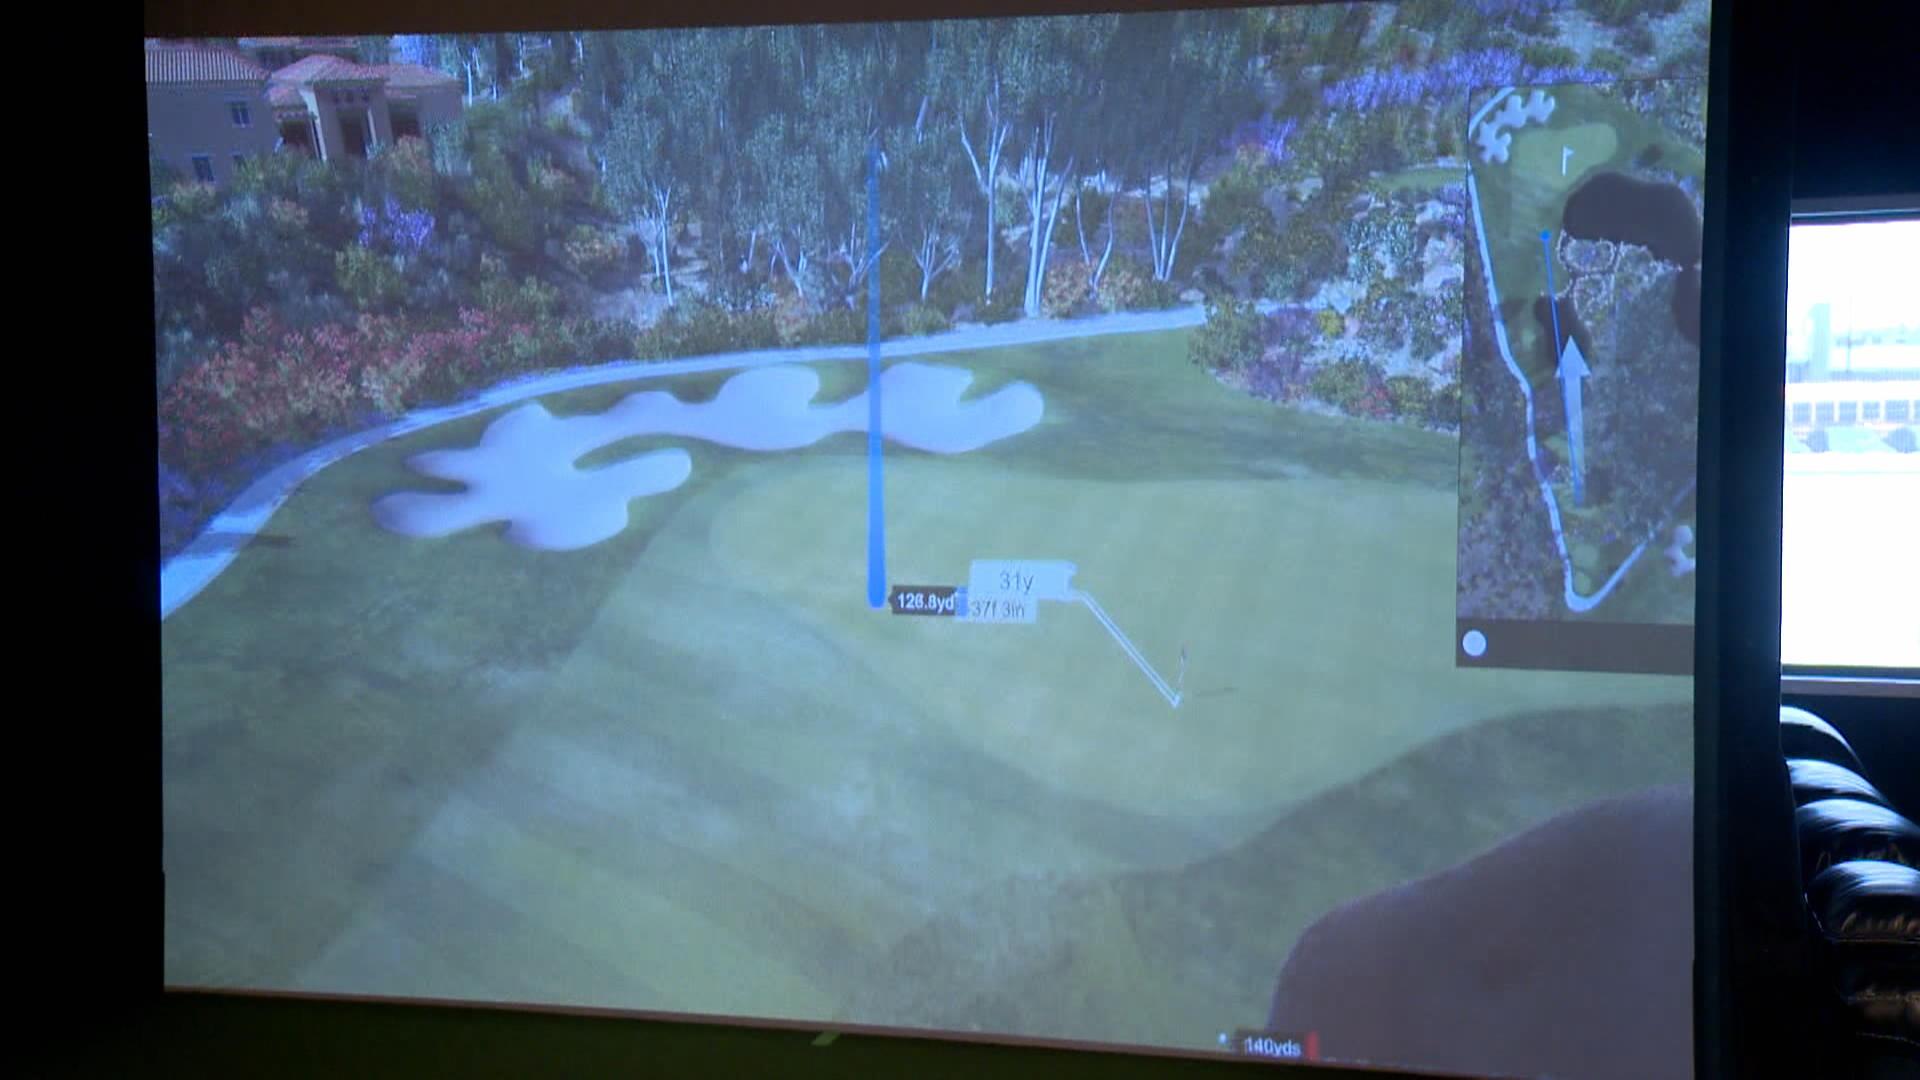 Winter golf options in Saskatoon